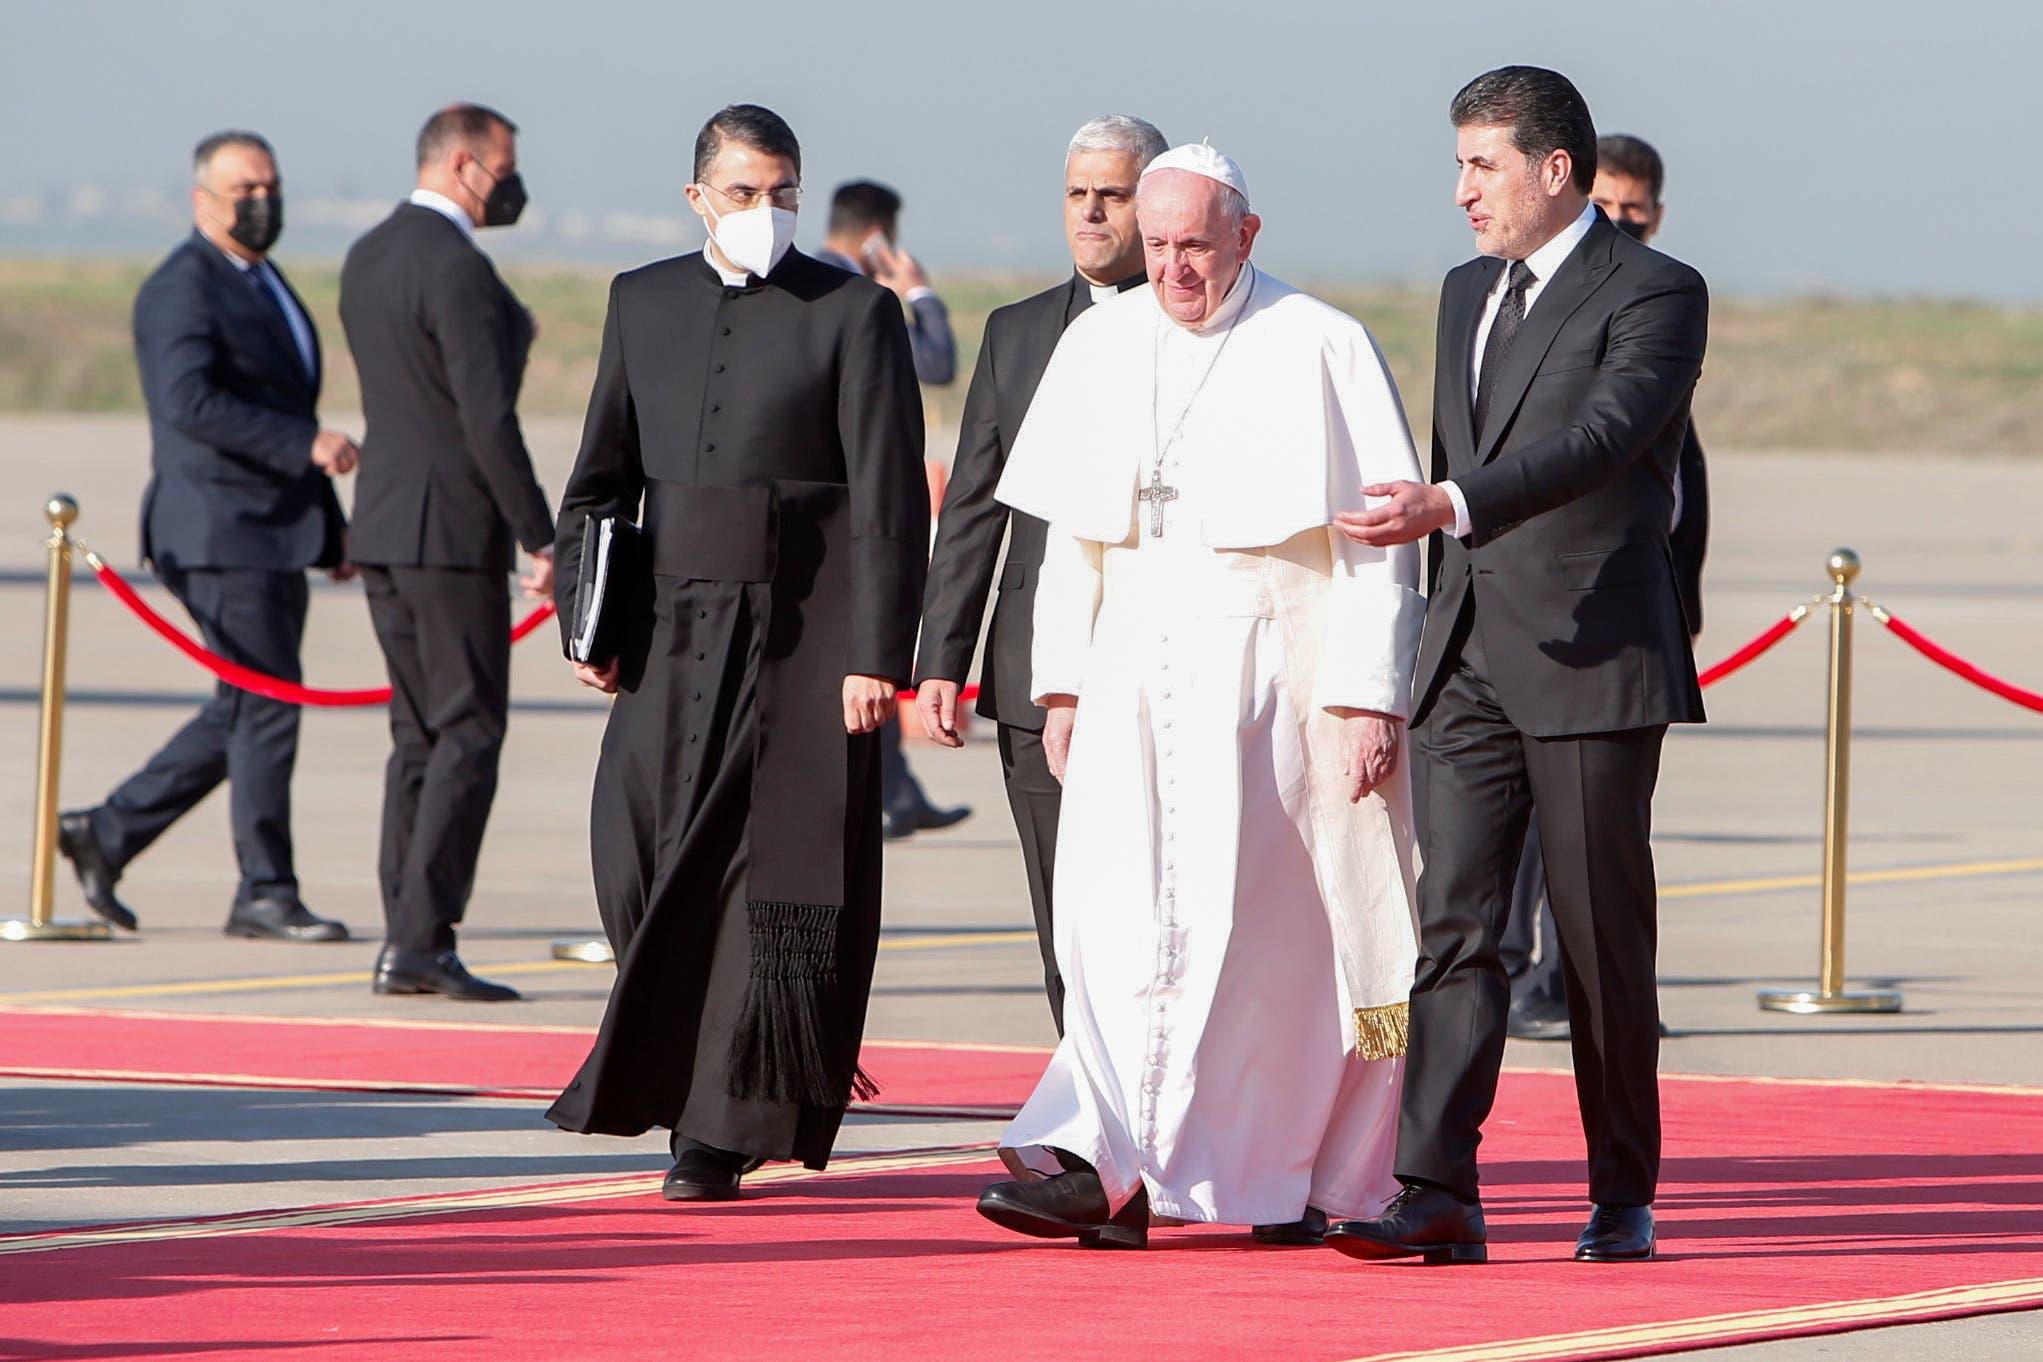 وصول البابا فرنسيس إلى أربيل